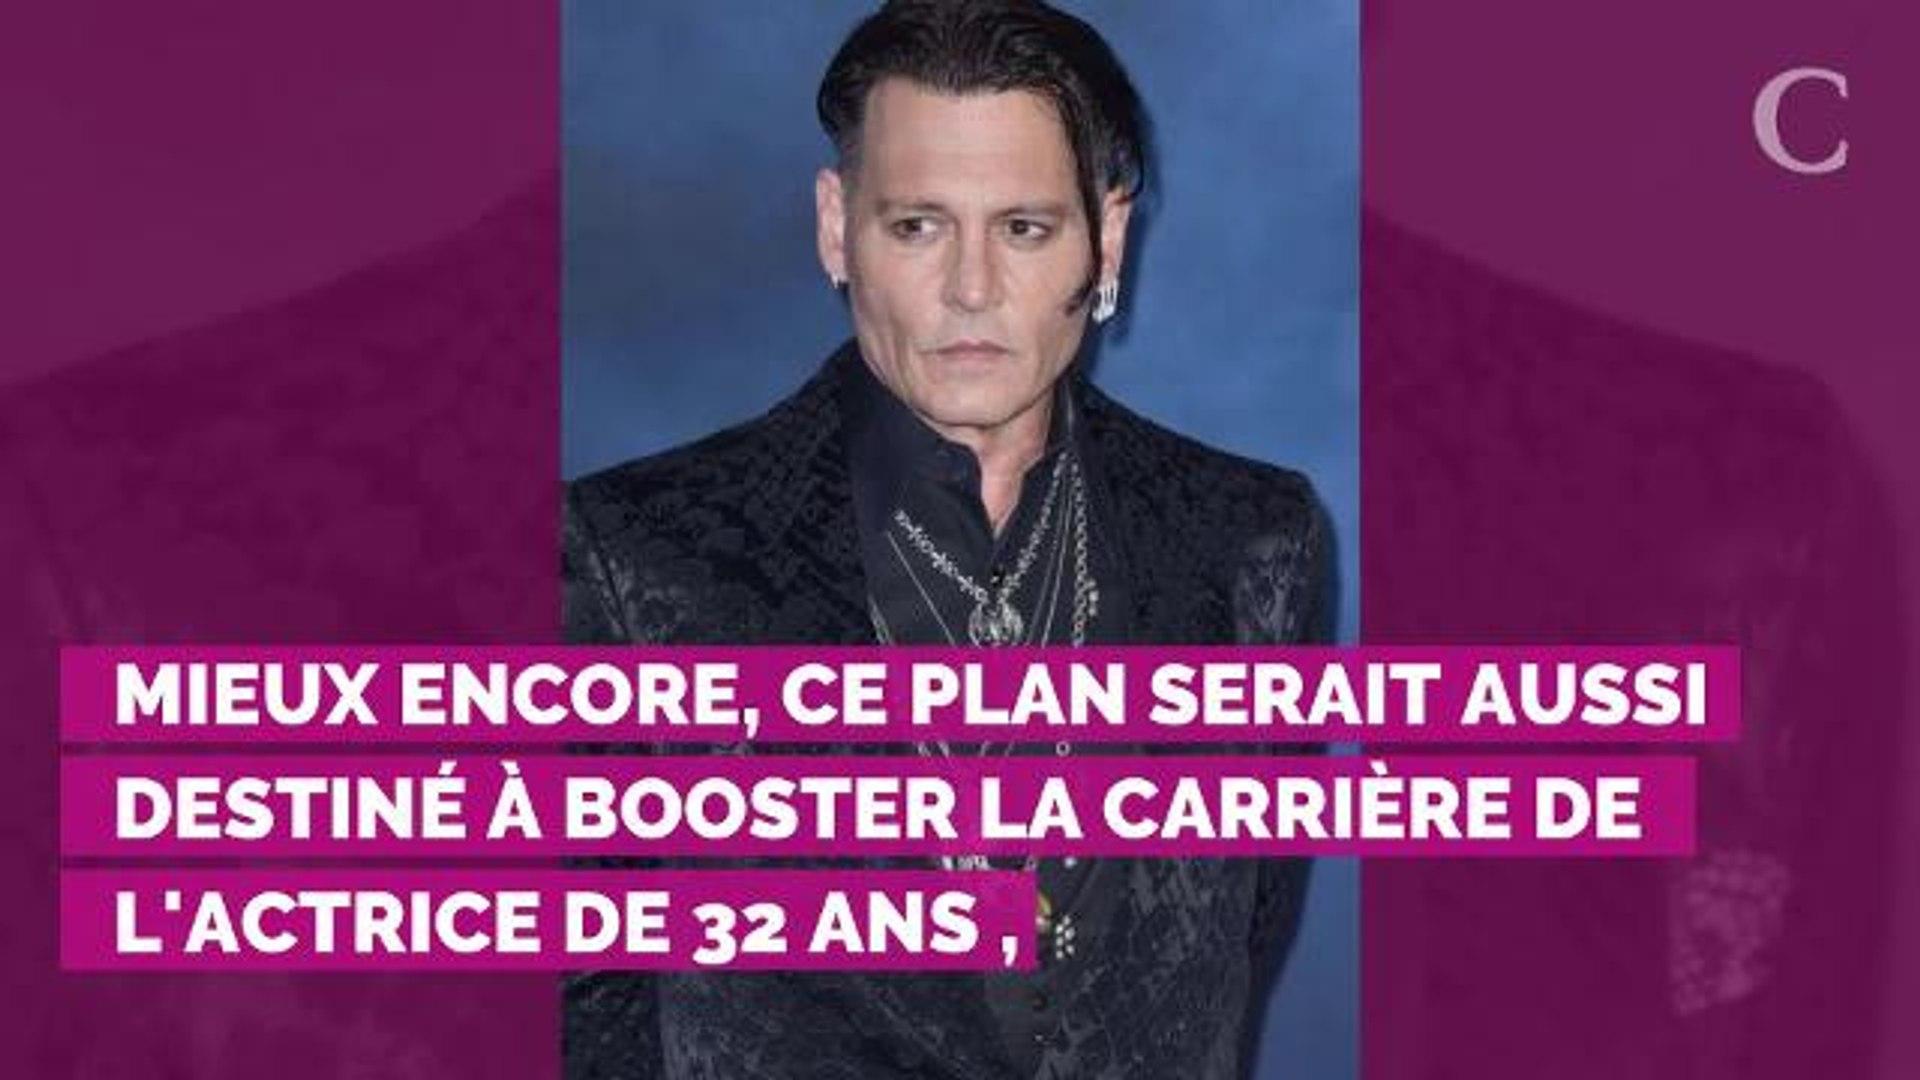 Accusé de violences conjugales, Johnny Depp contre-attaque et réclame 50 millions de dollars à Amber